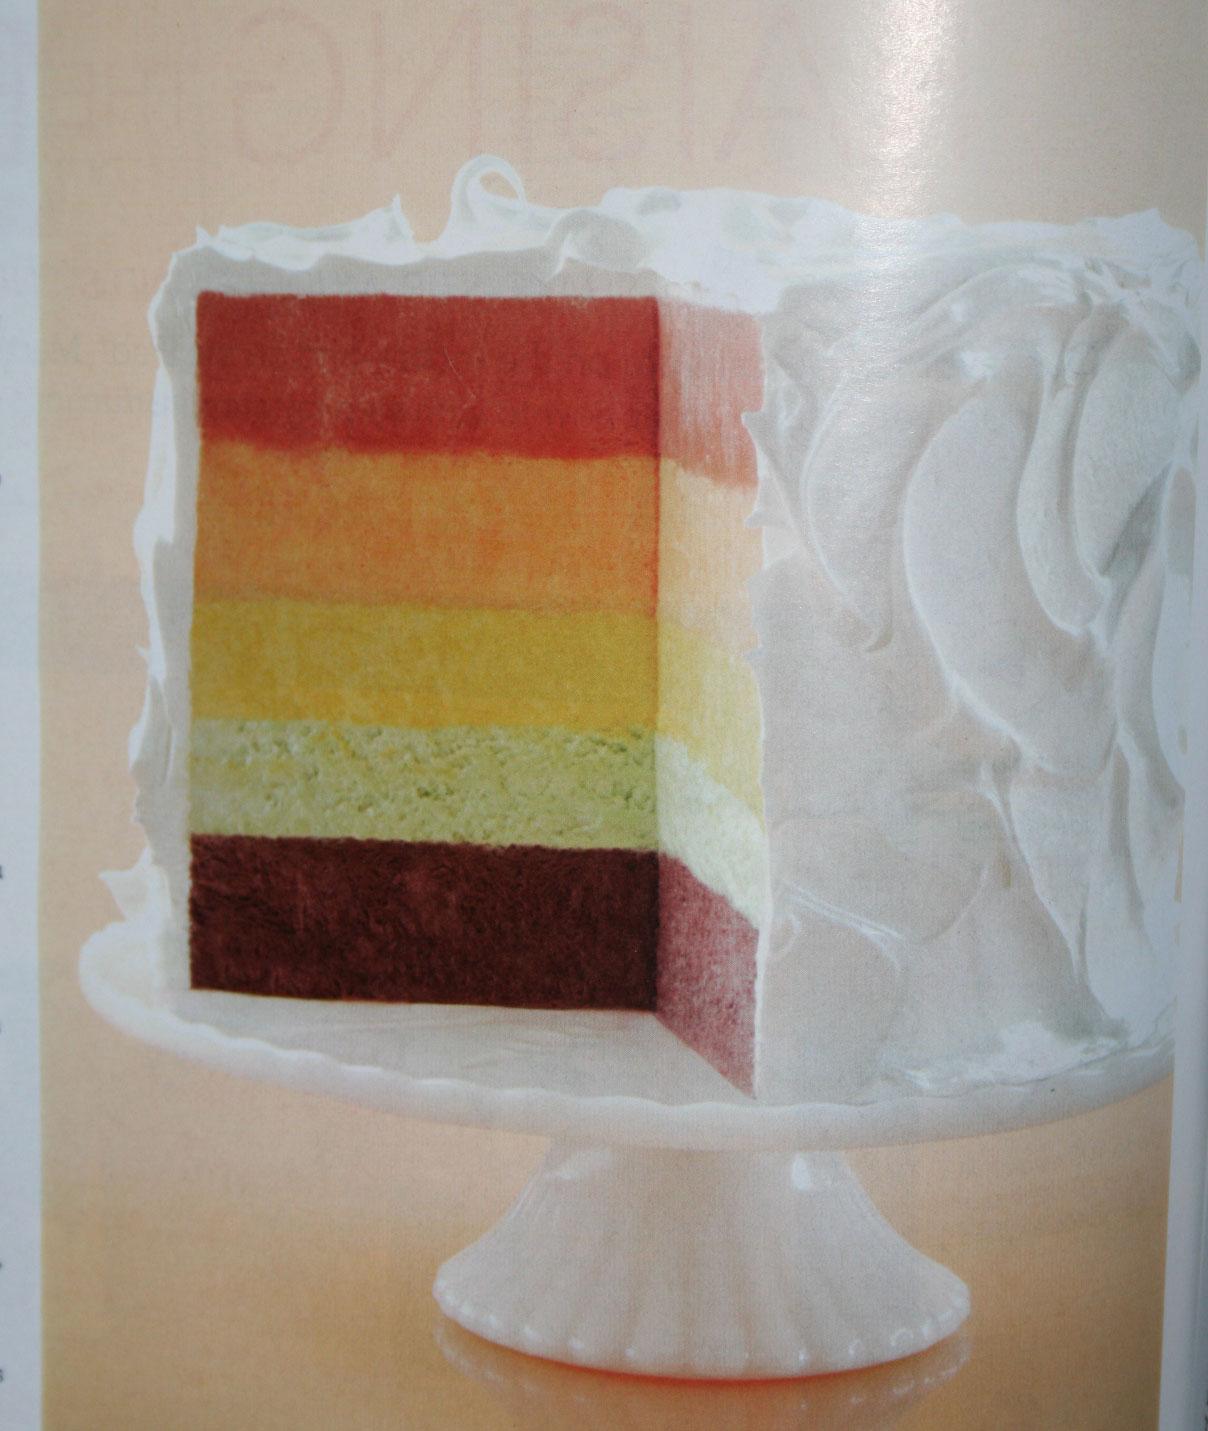 Lemon Chiffon Cake Martha Stewart